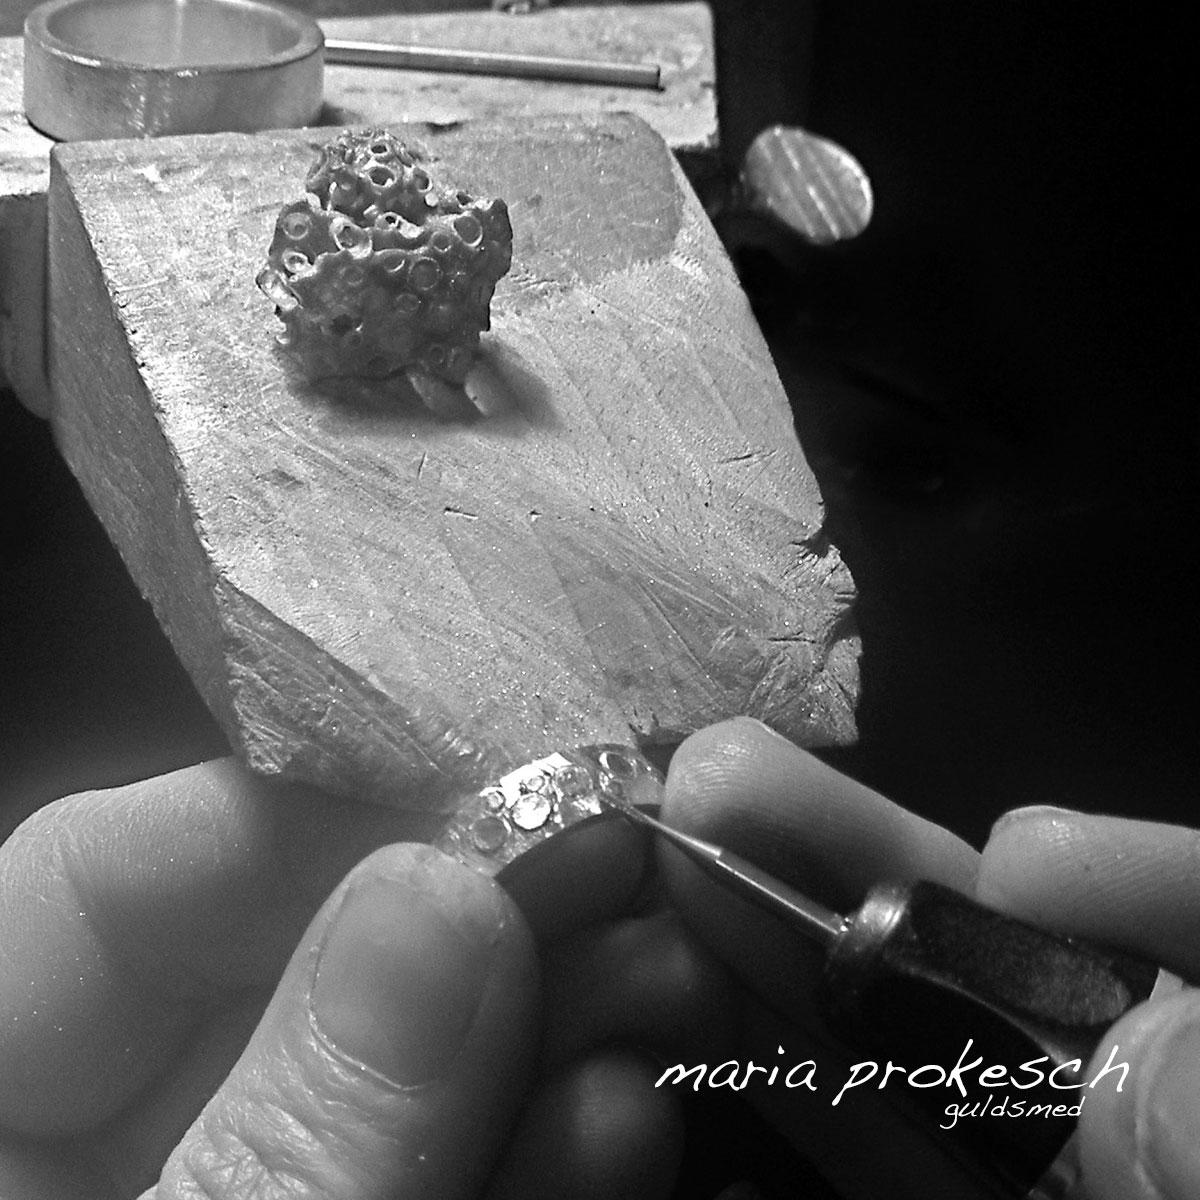 De håndlavede smykker og vielsesringe laves alle af Guldsmed Maria Prokesch. Der bliver arbejdet med fine detaljer og kærlighedshistorier som integreres i smykkerne.